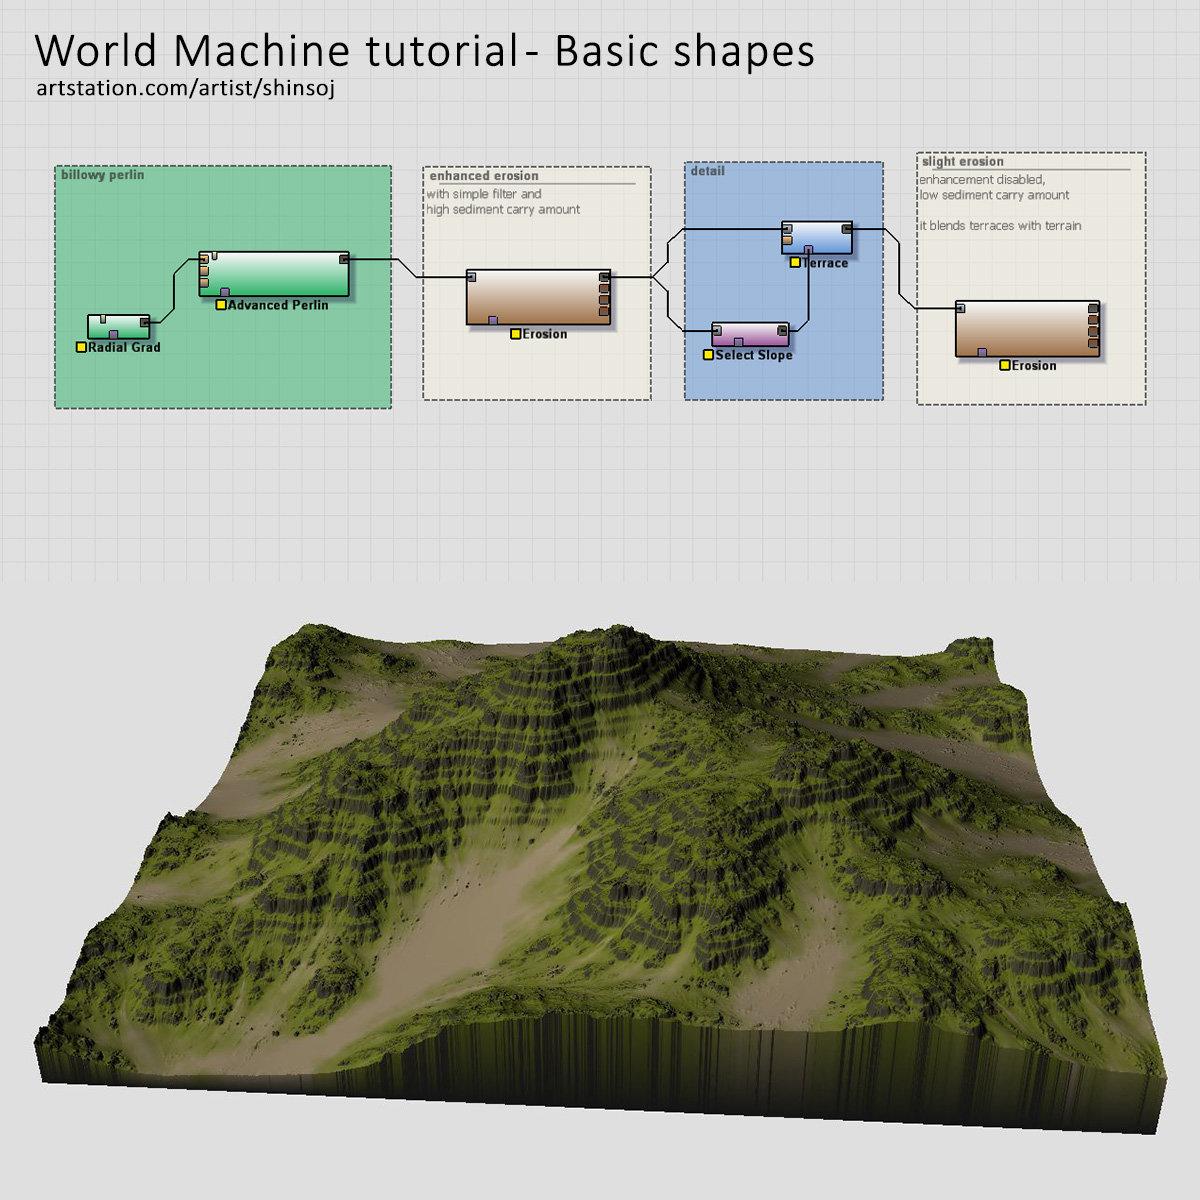 world machine tutorial